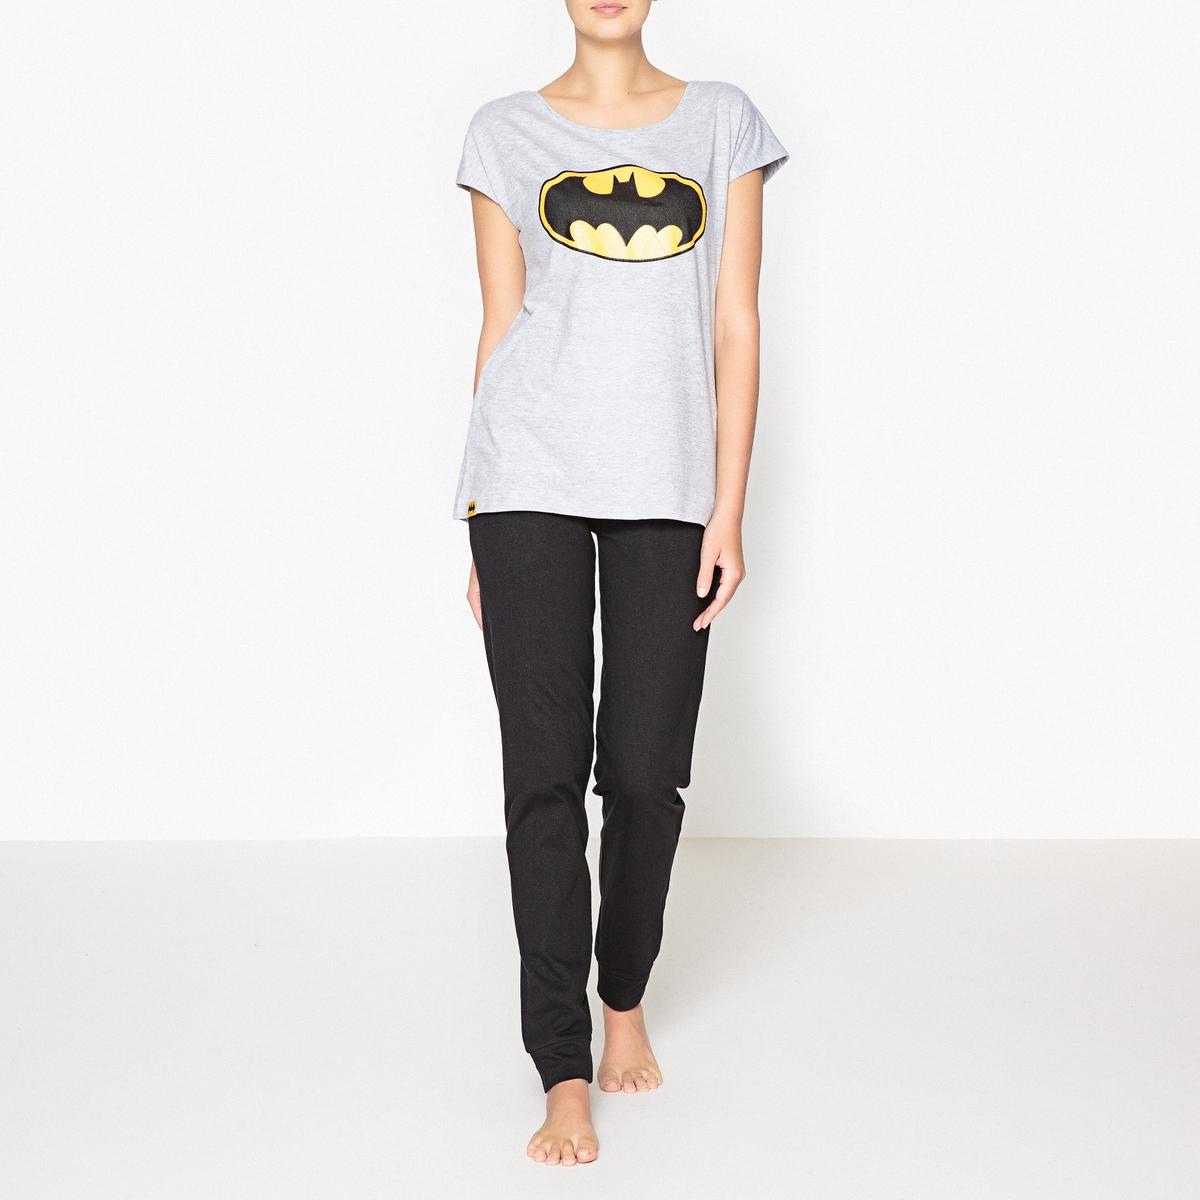 Пижама с принтом, BatmanПижама из хлопка с логотипом Бэтман для фанатов известного персонажа . Несравненный комфорт и графический рисунок . Состав и описаниеРаздельная пижама, верх с принтом, круглый вырез, короткие рукава  .Брюки с завязками и эластичным поясом  .Марка : Batman Материал : 95% хлопка, 5% полиэстераУход: :Машинная стирка при 30 °С на деликатном режиме с вещами схожих цветов.Стирать и гладить при низкой температуре с изнаночной стороны.Машинная сушка запрещена.<br><br>Цвет: черный/серый<br>Размер: L.M.XL